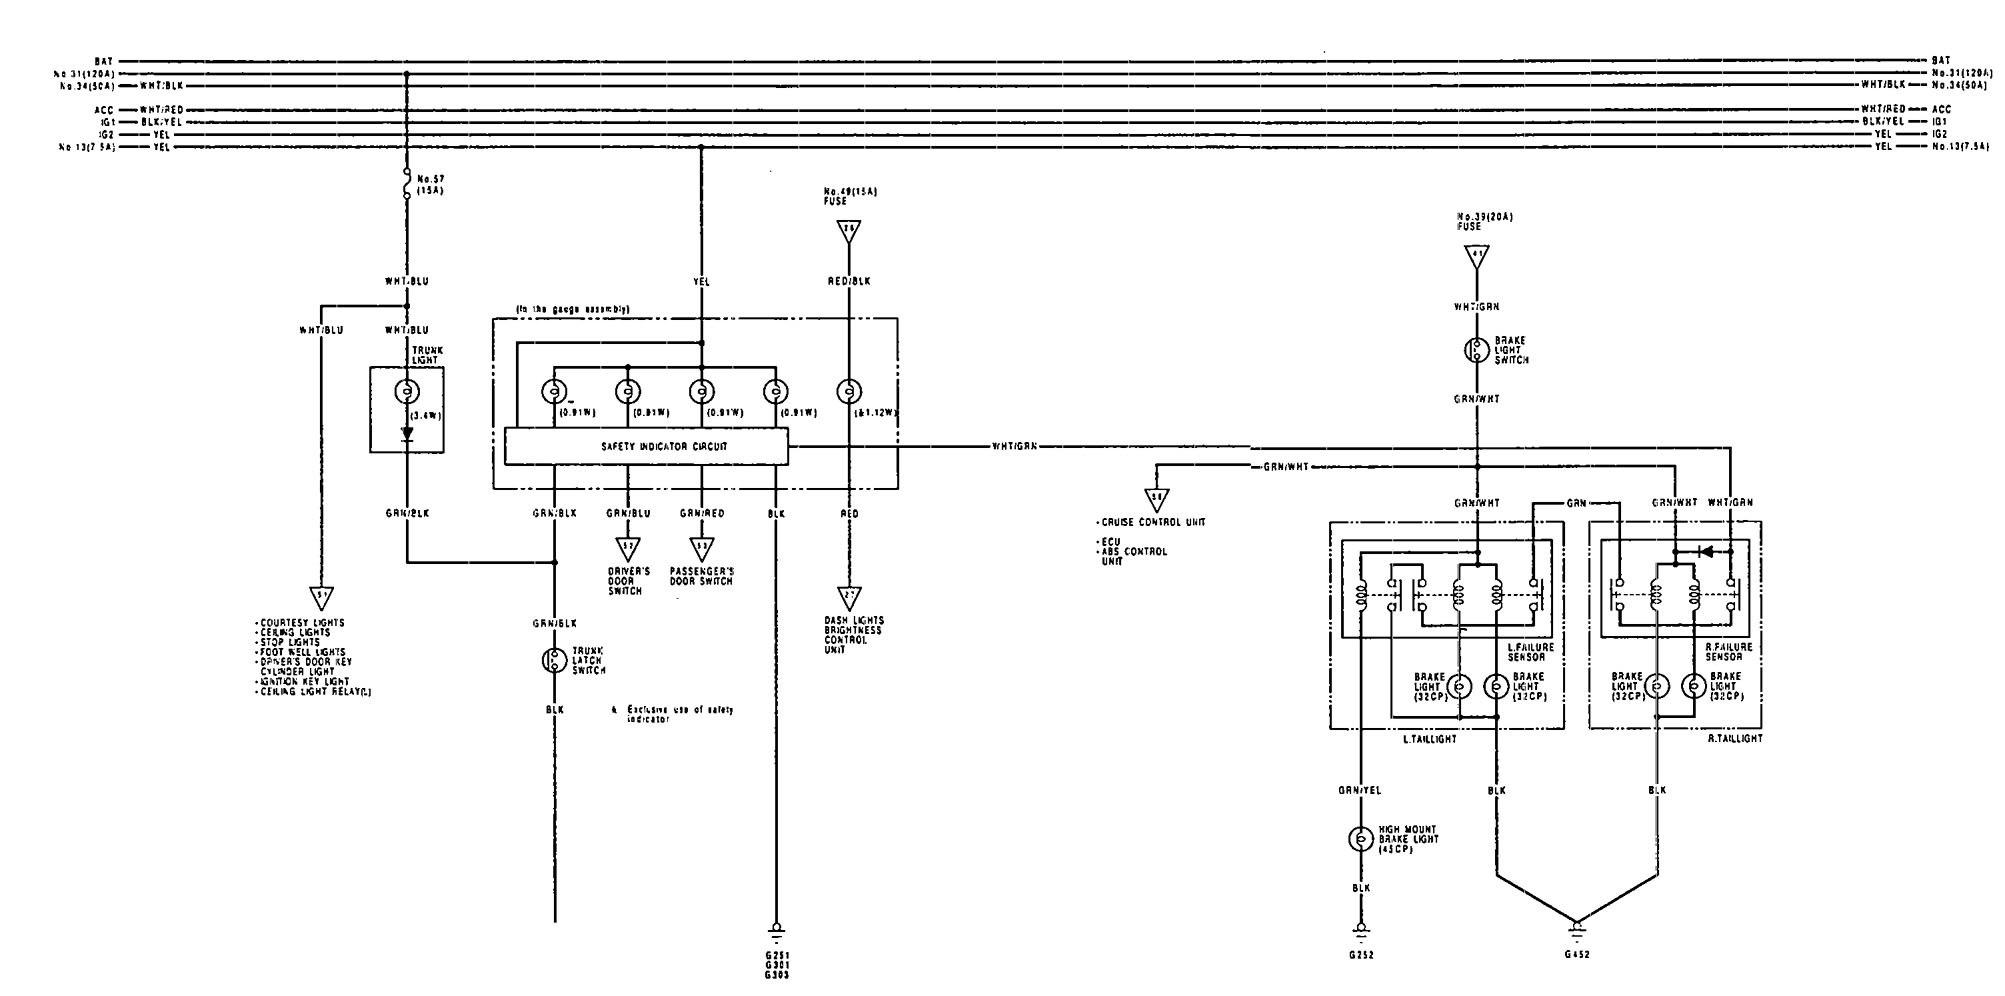 1994 acura legend wiring diagram